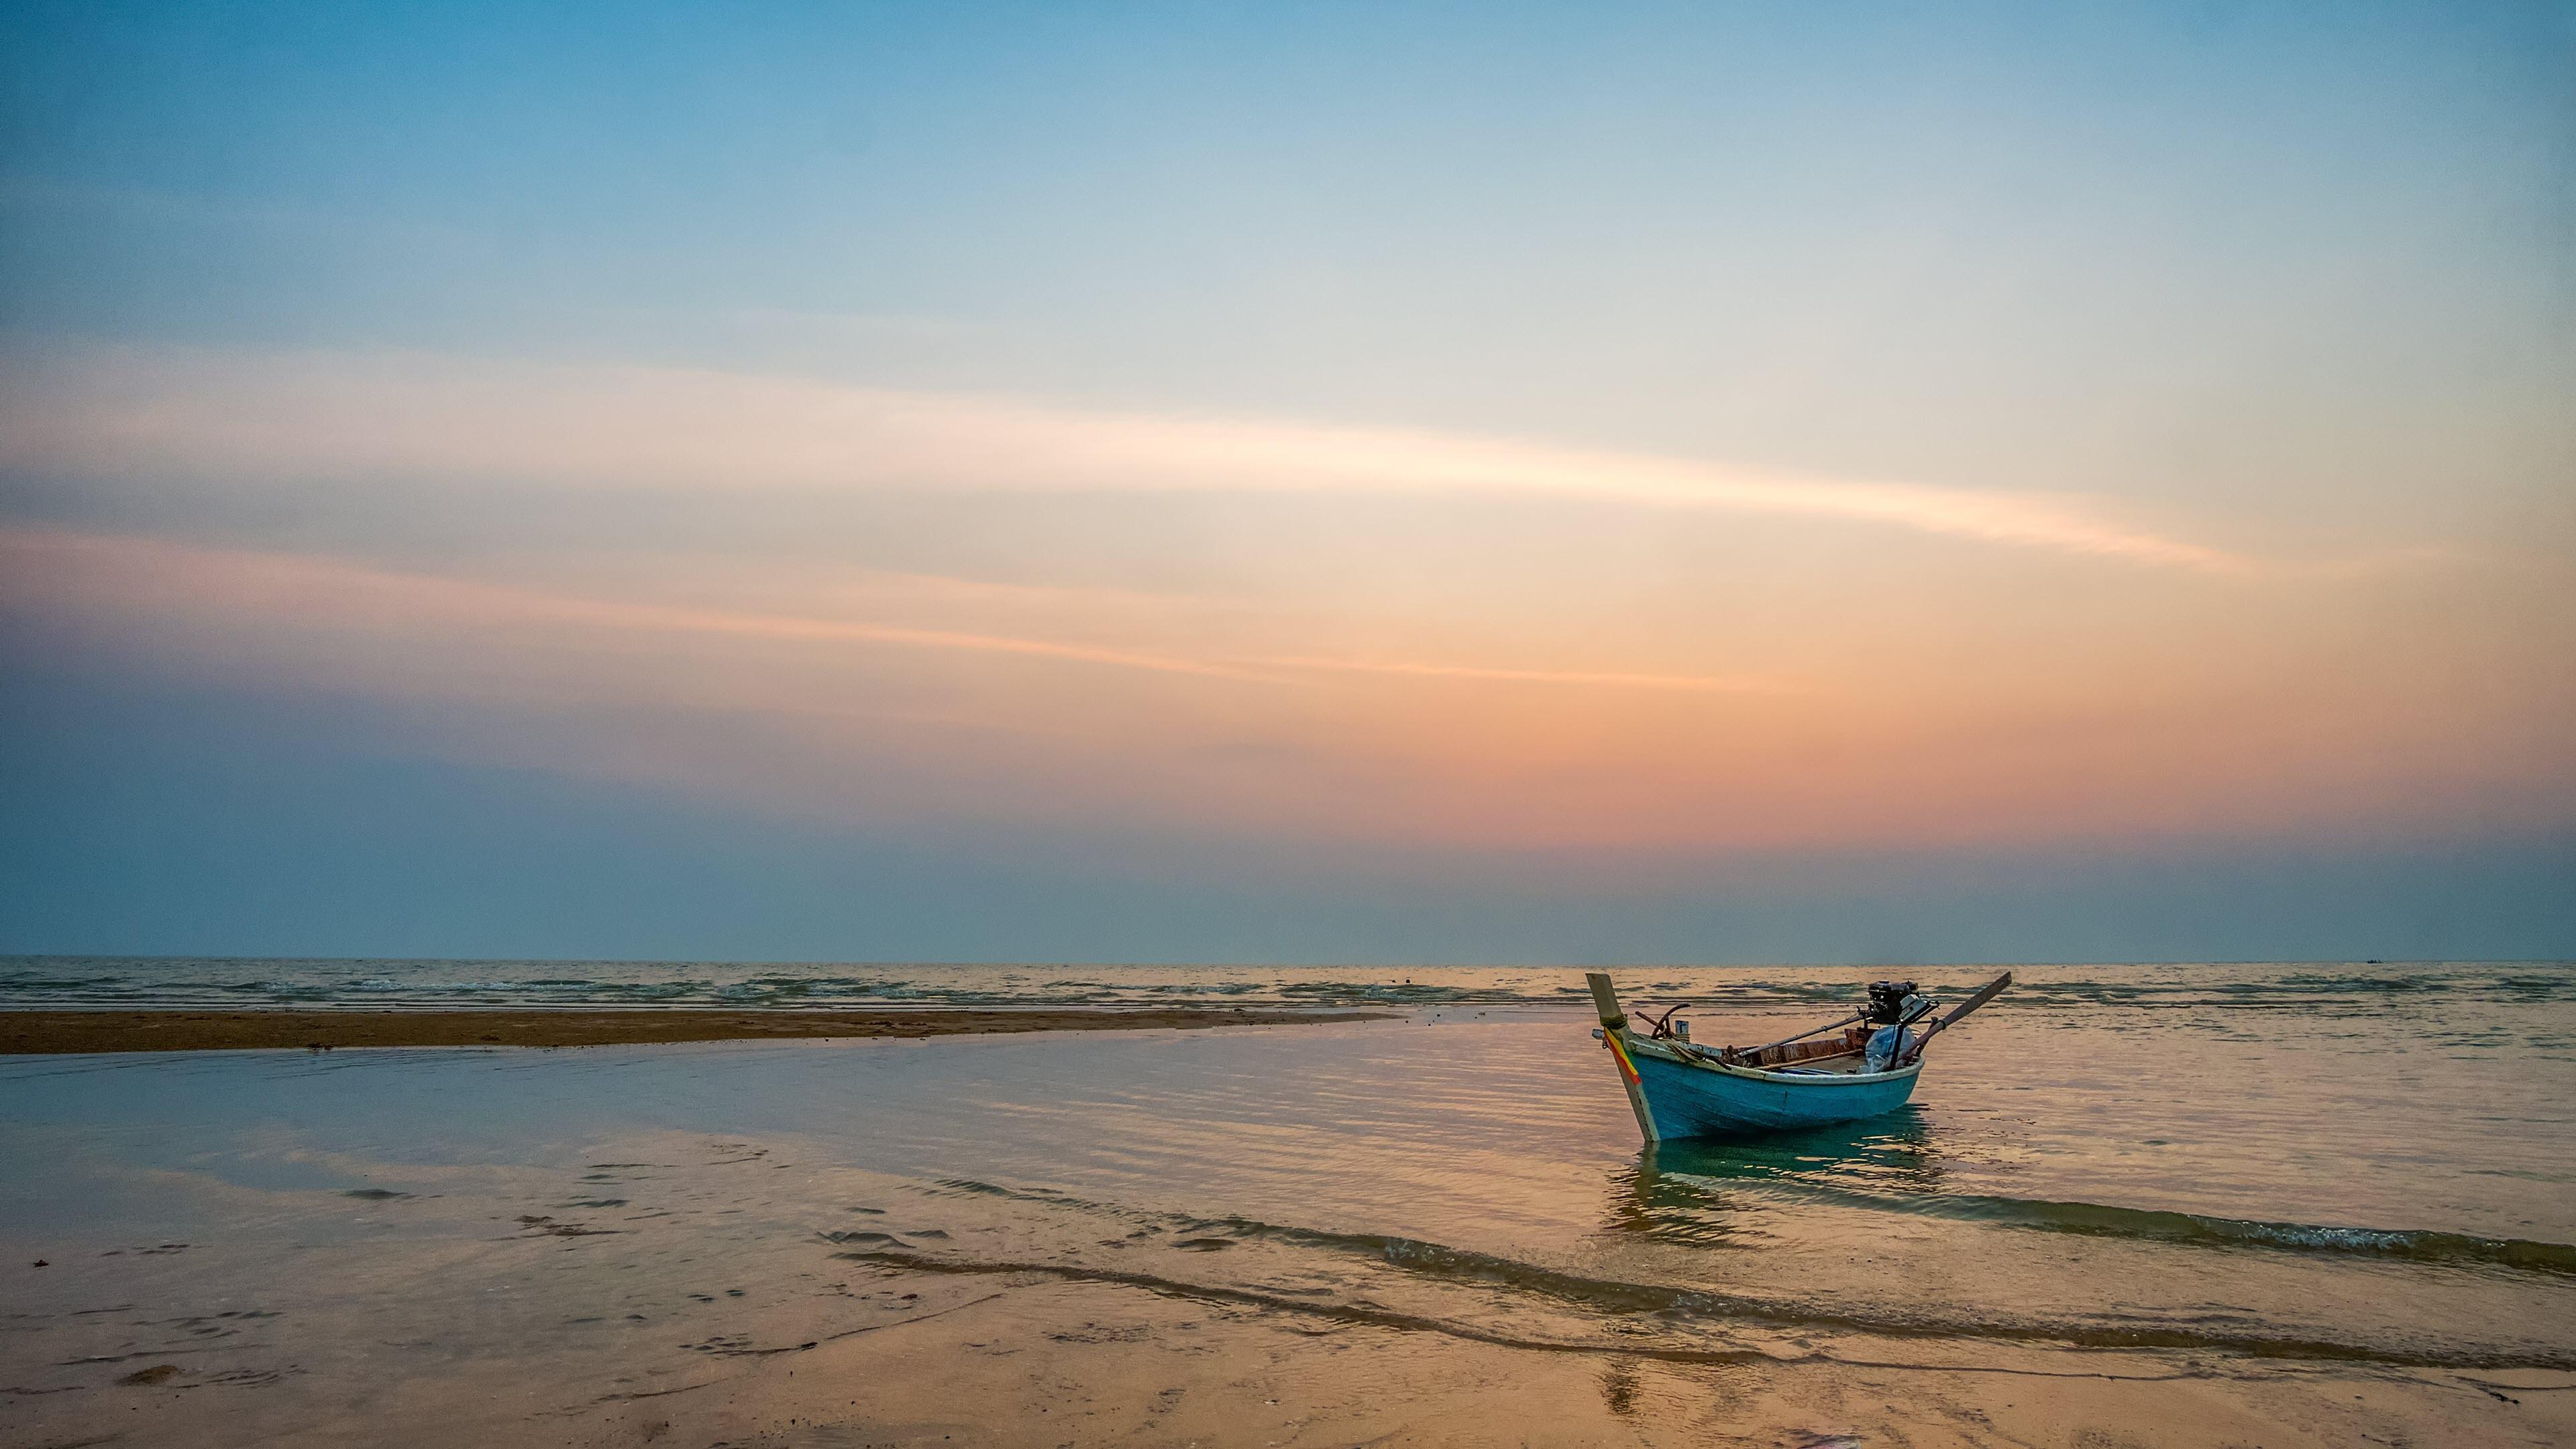 Ảnh nền bờ biển đẹp 4K